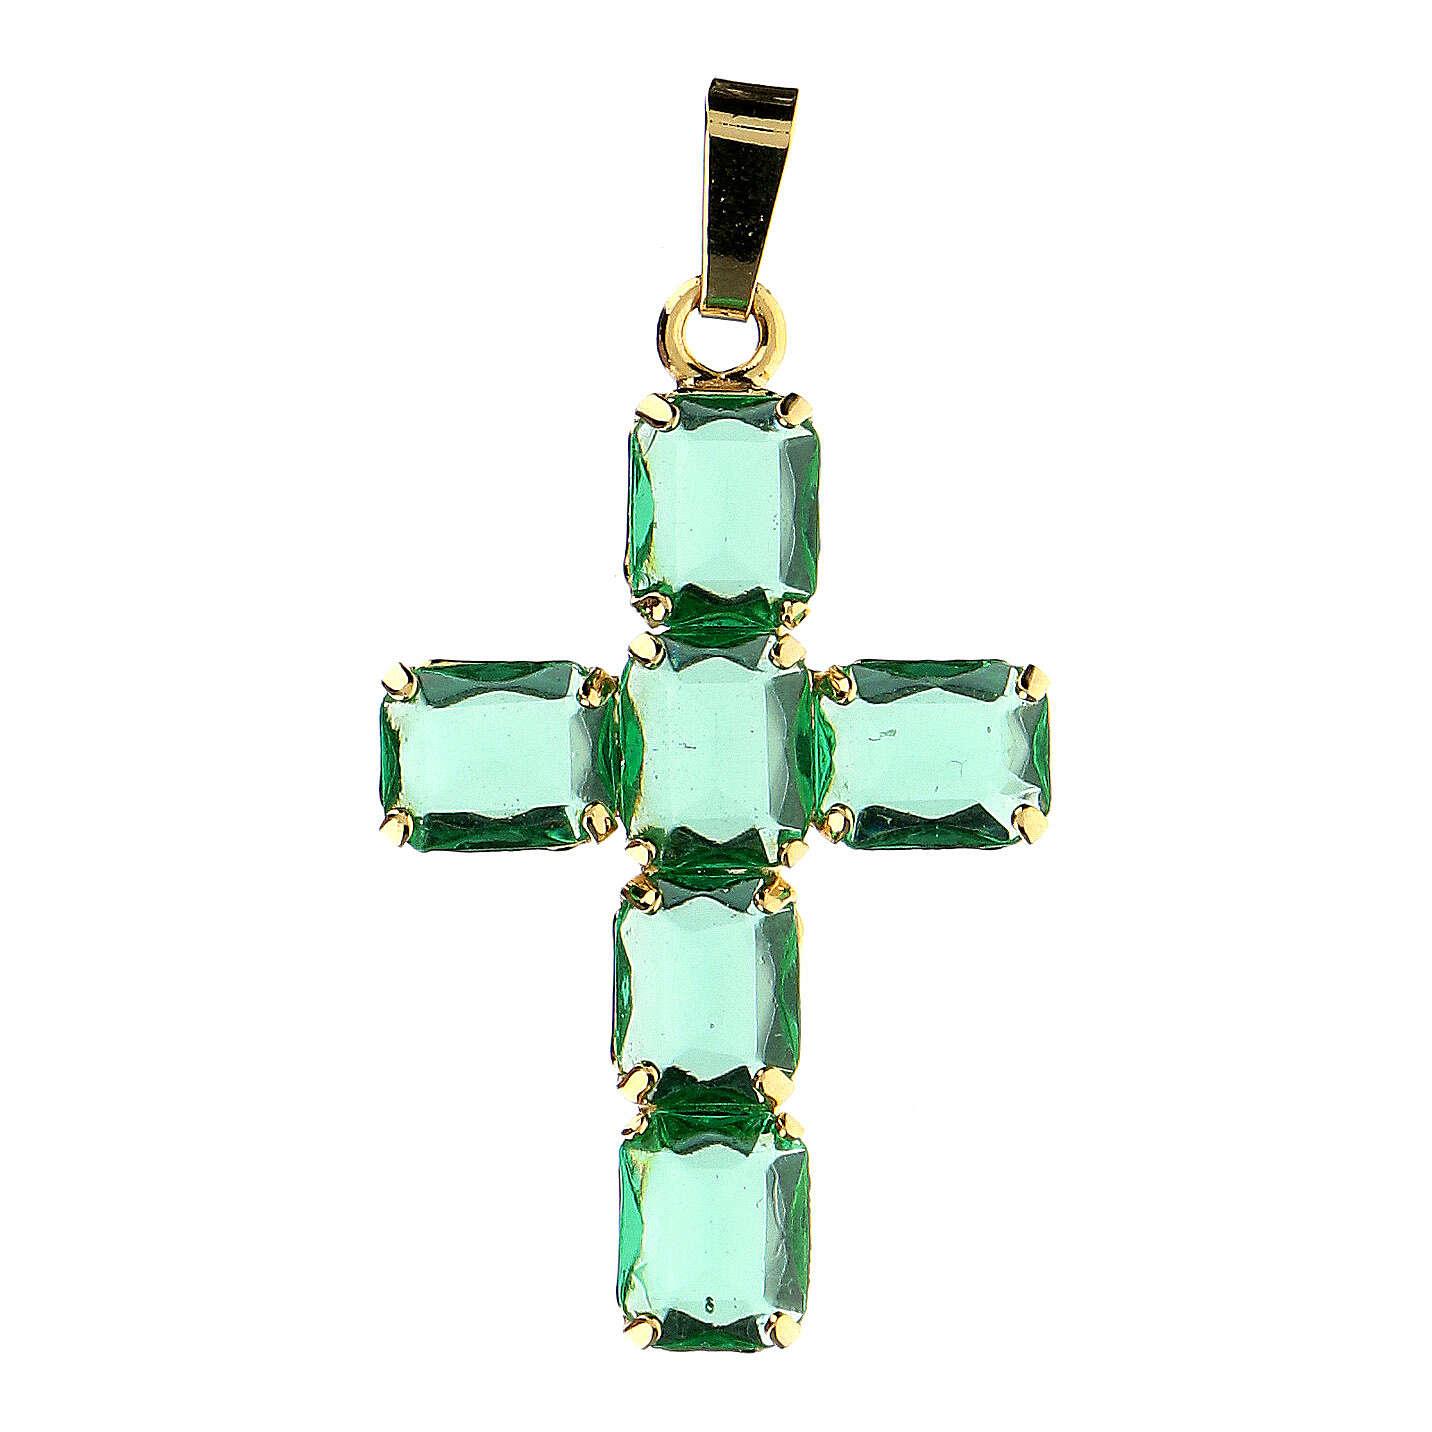 Pingente cruz latão dourado com cristais verdes 4